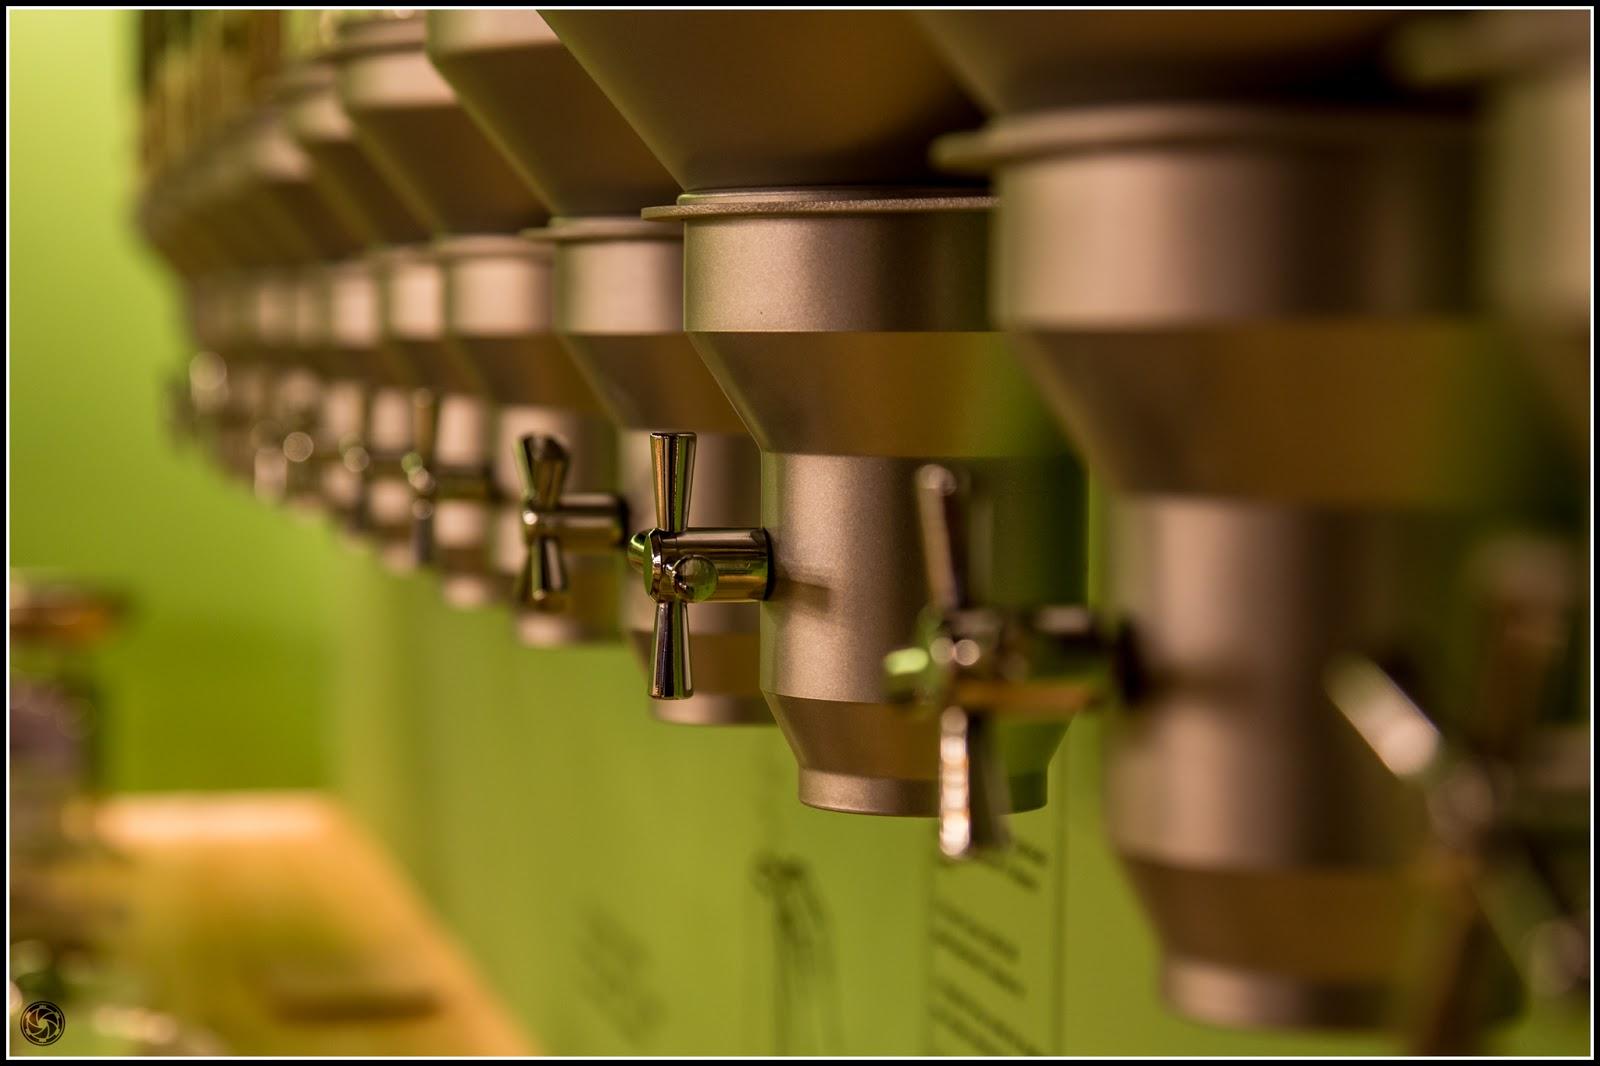 Dosificadores :: Canon EOS 5D MkIII | ISO 800 | Canon 24-105 @82mm | f/5.0 | 1/30s